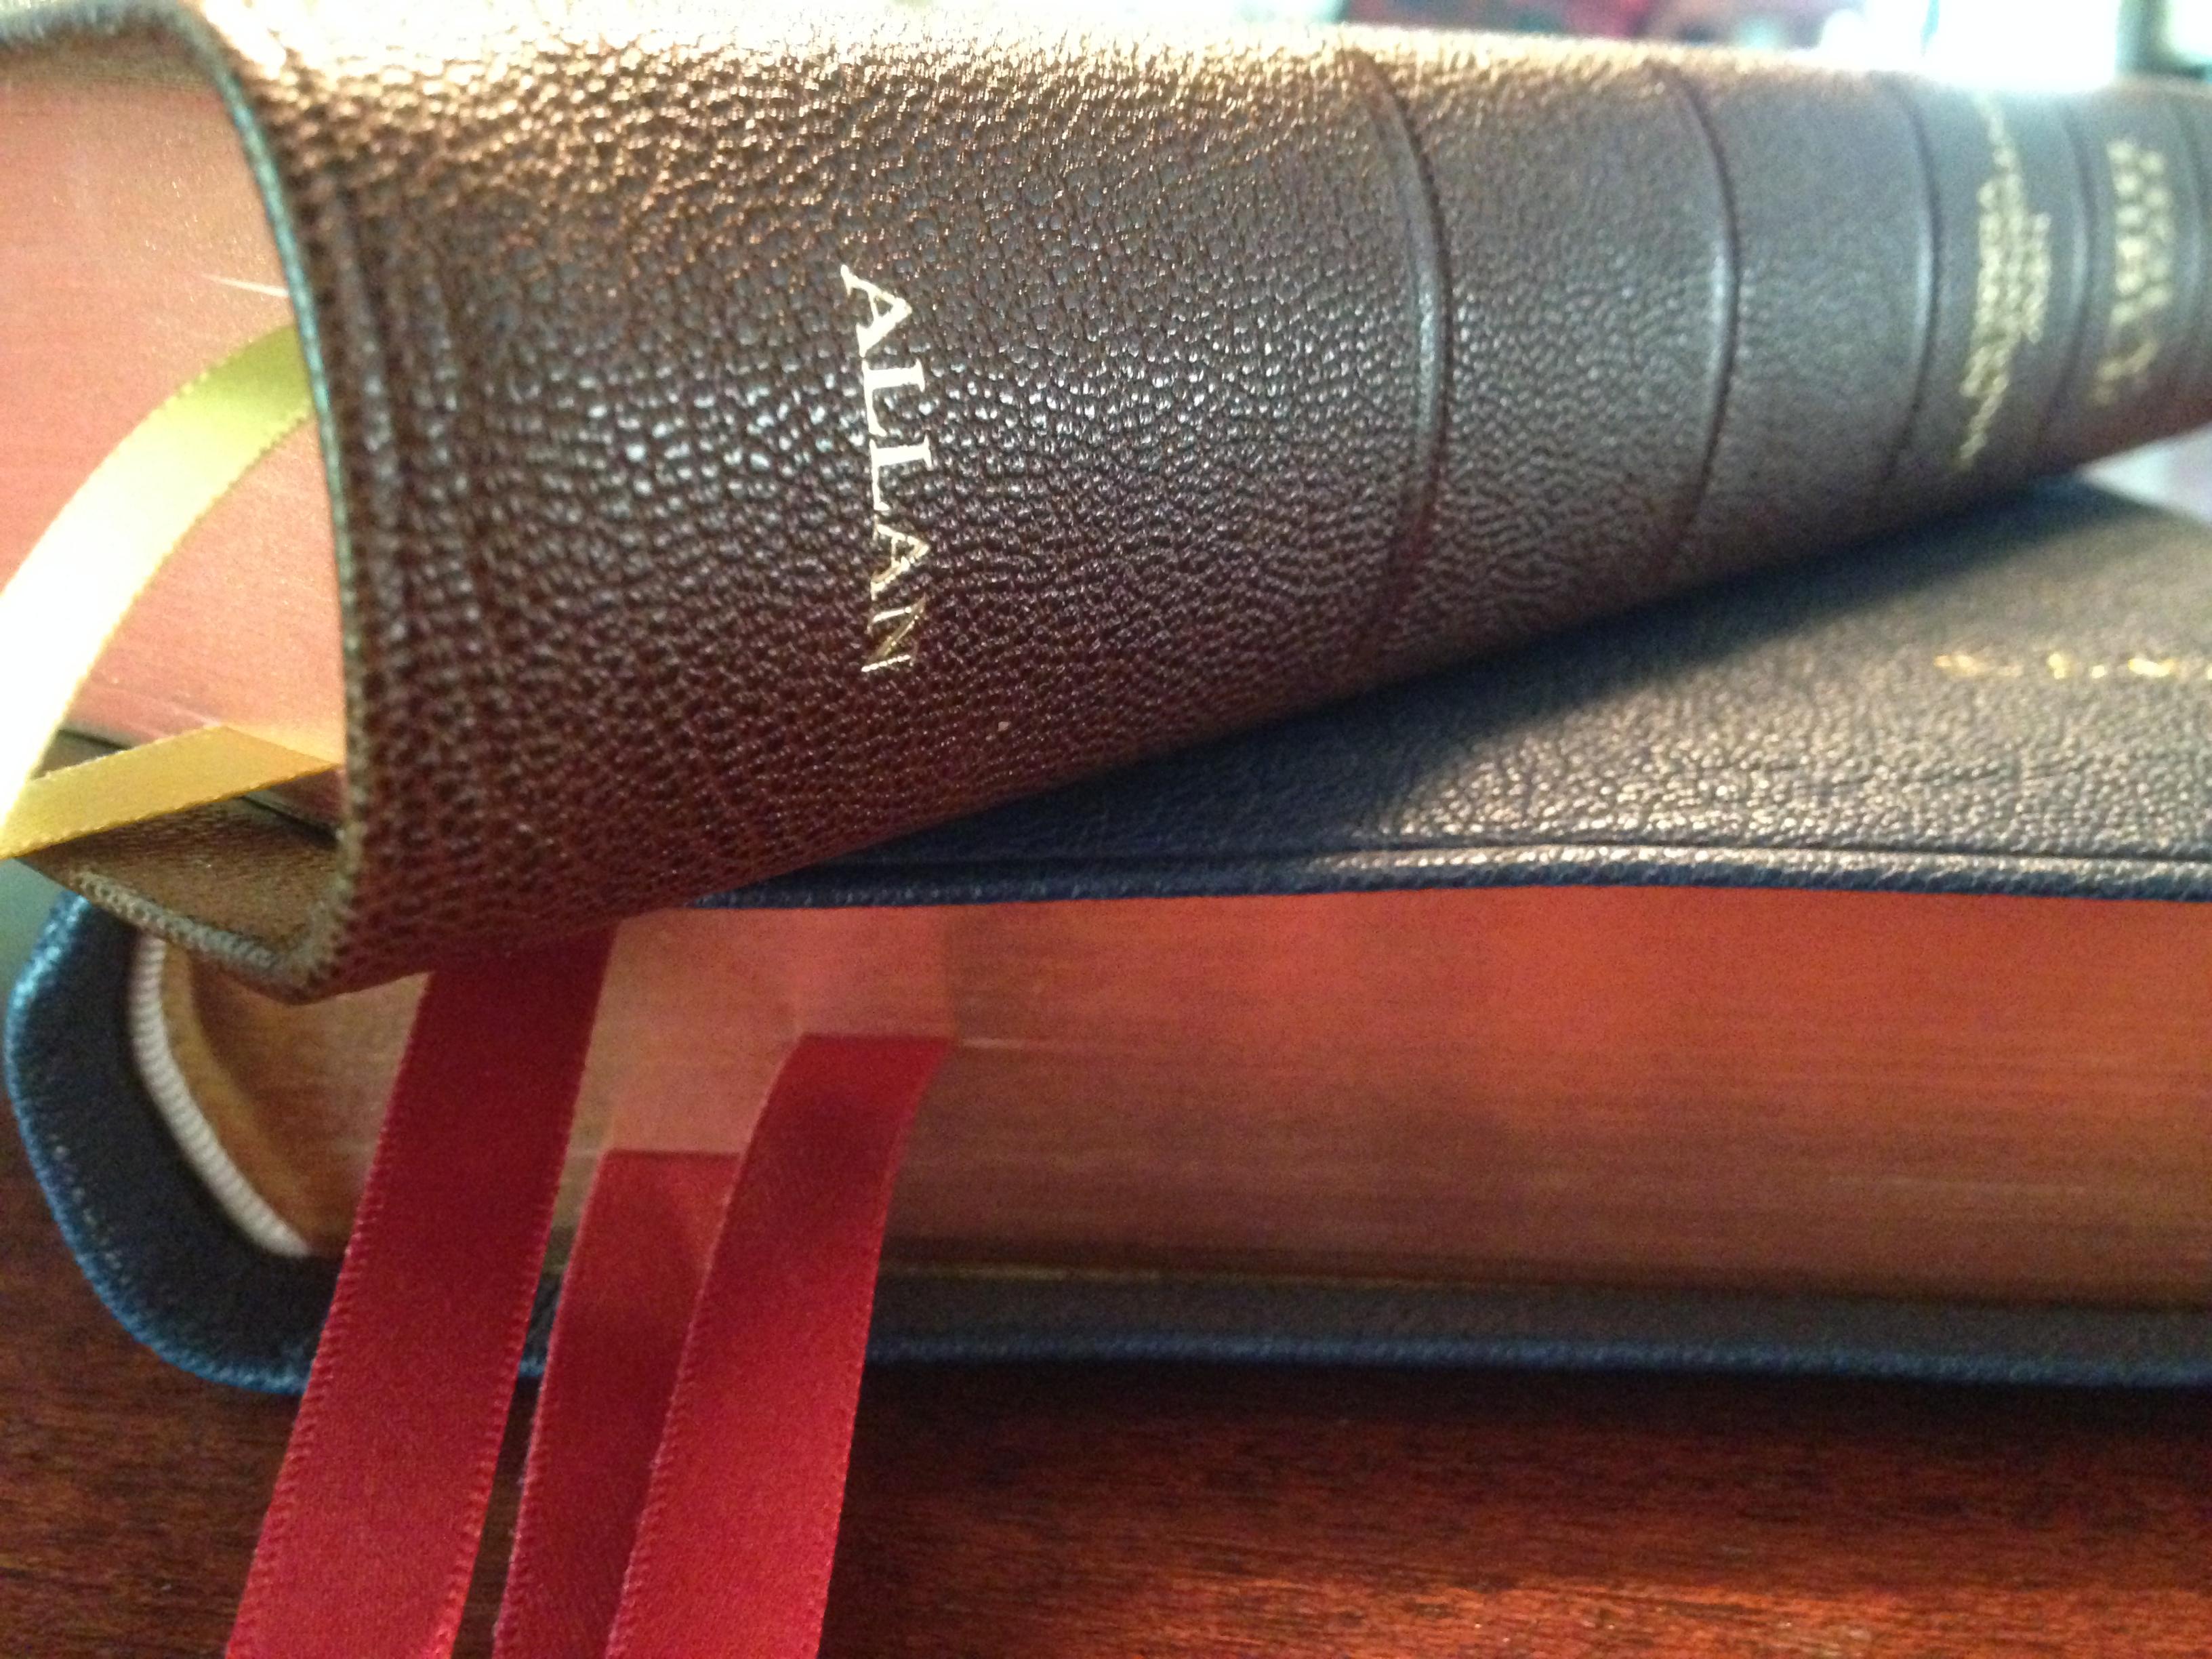 NIV Bibles By R L Allan Amp Son A Comparison Holy Writ